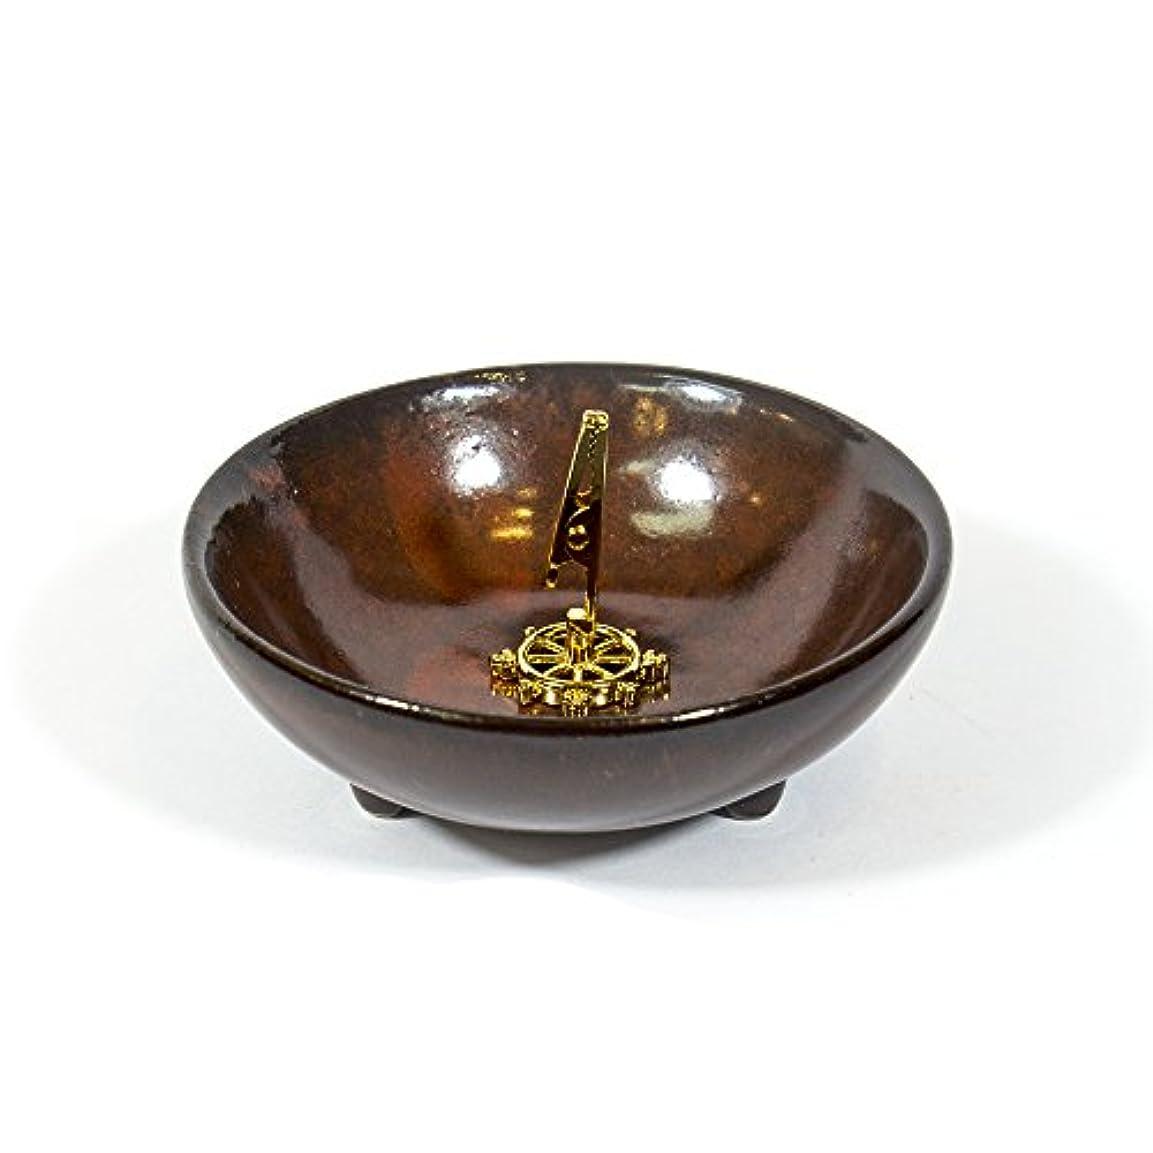 わがままスロープ感謝(DarkRed) - Incense Holder for Coils Sticks Cones Ceramic Holder Dark Red Type